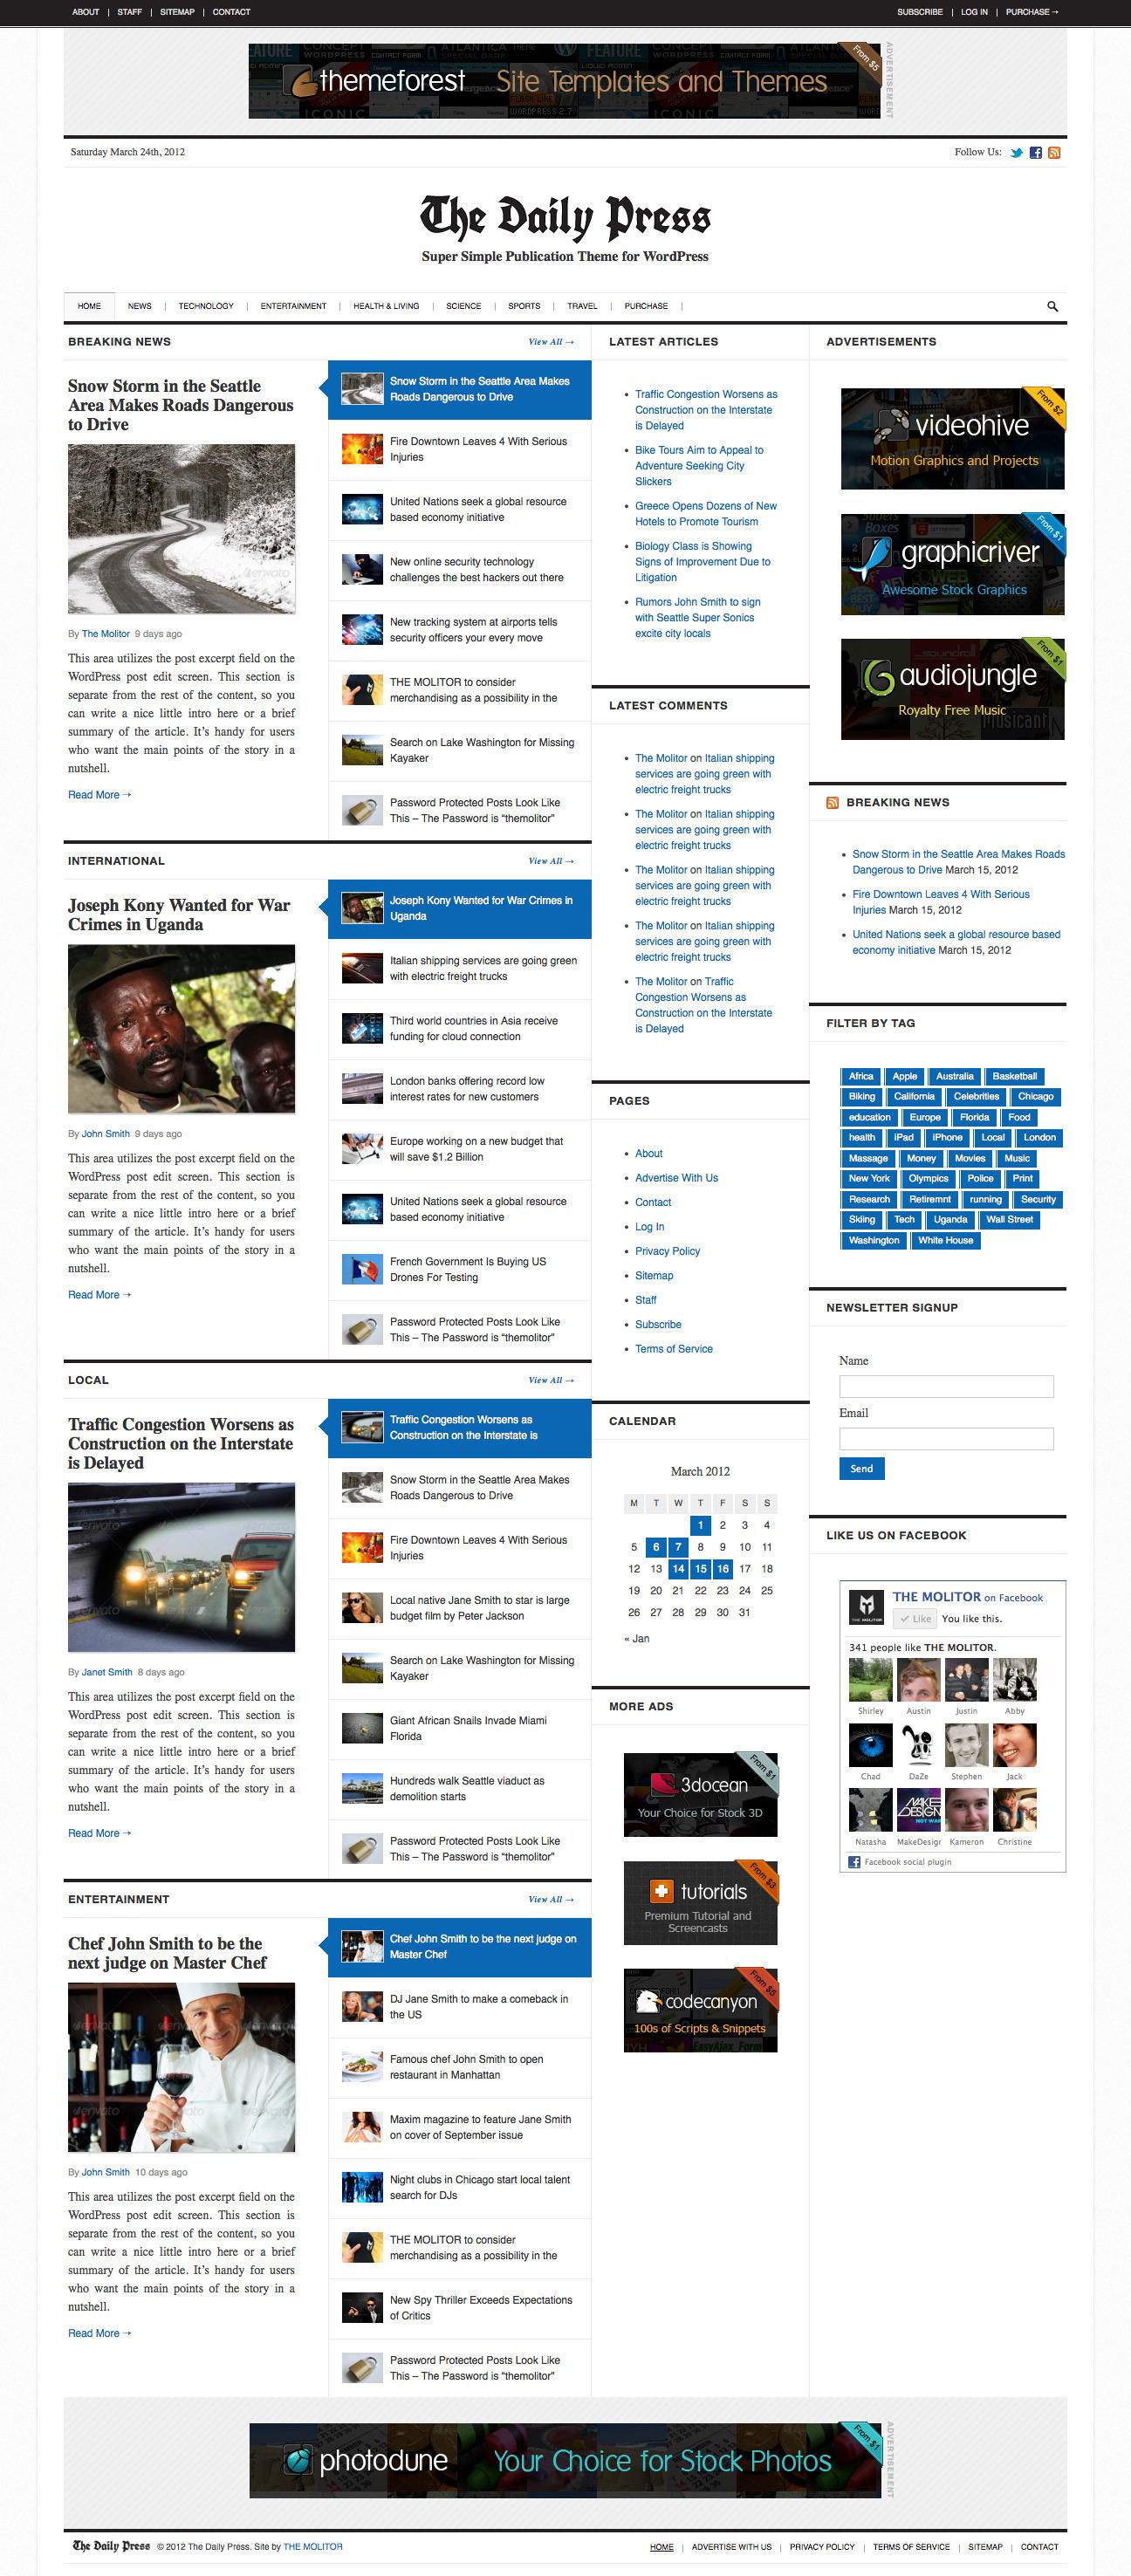 http://2.s3.envato.com/files/22778705/preview/2_home.jpg